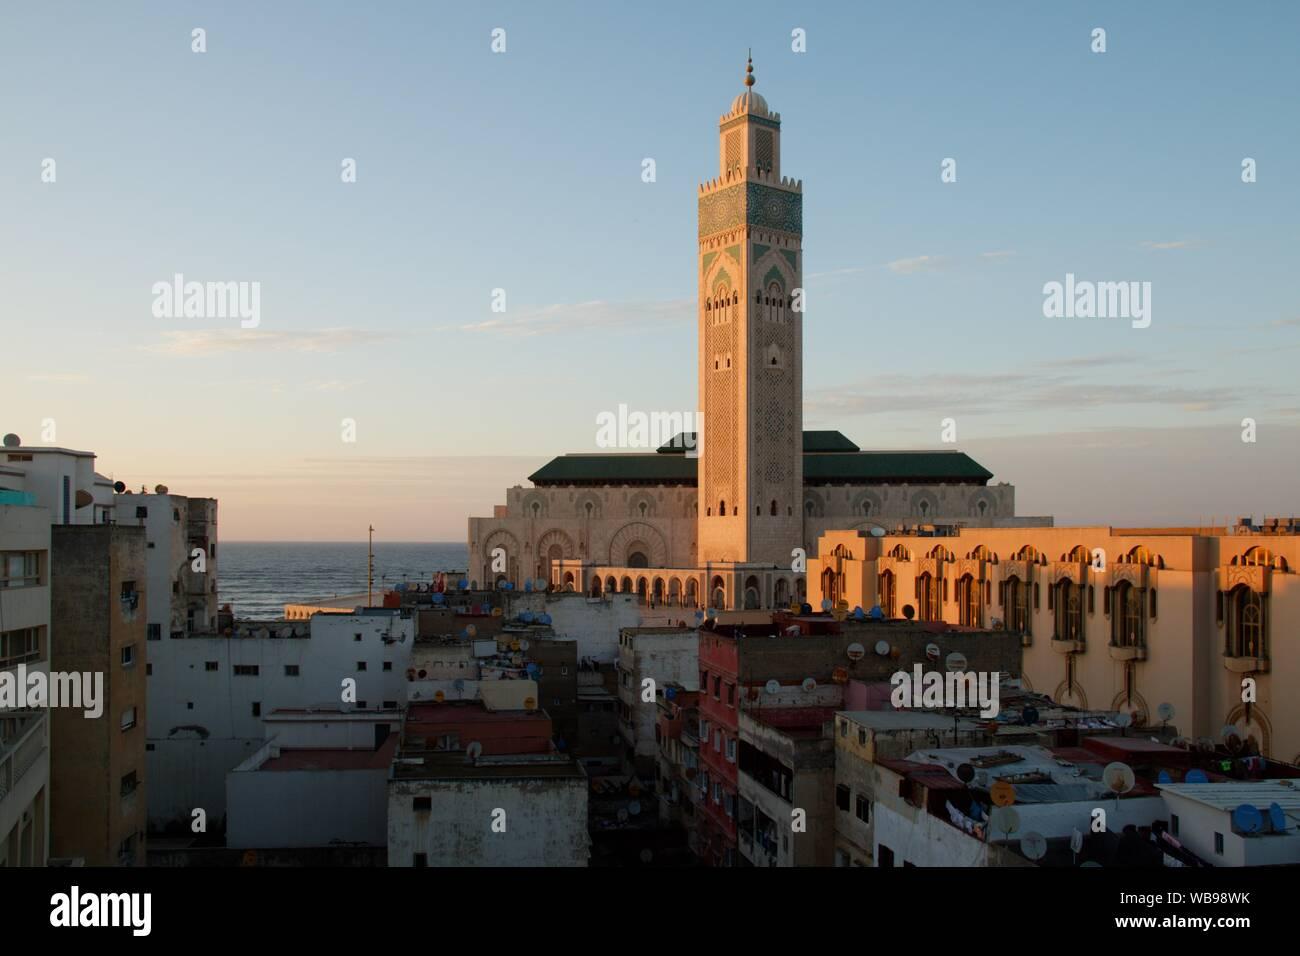 La plus célèbre et impressionnant bâtiment à Casablanca - mosquée Hassan-II. Banque D'Images